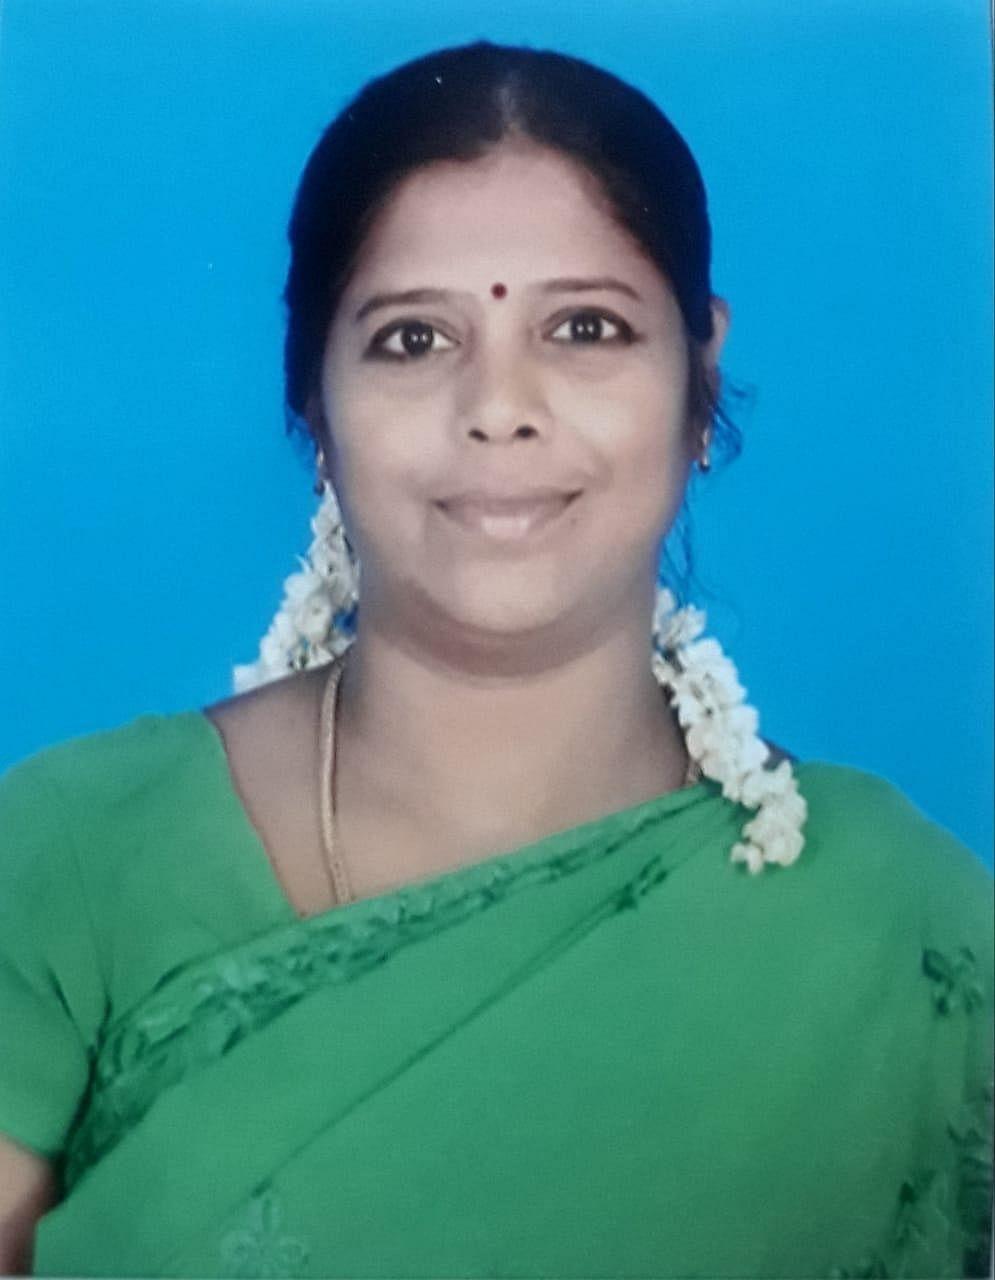 13-ன் முக்கியத்துவம், 43-லும் அவசியம்! மெனோபாஸுக்கு வழிகாட்டும் சித்தா #Menopause